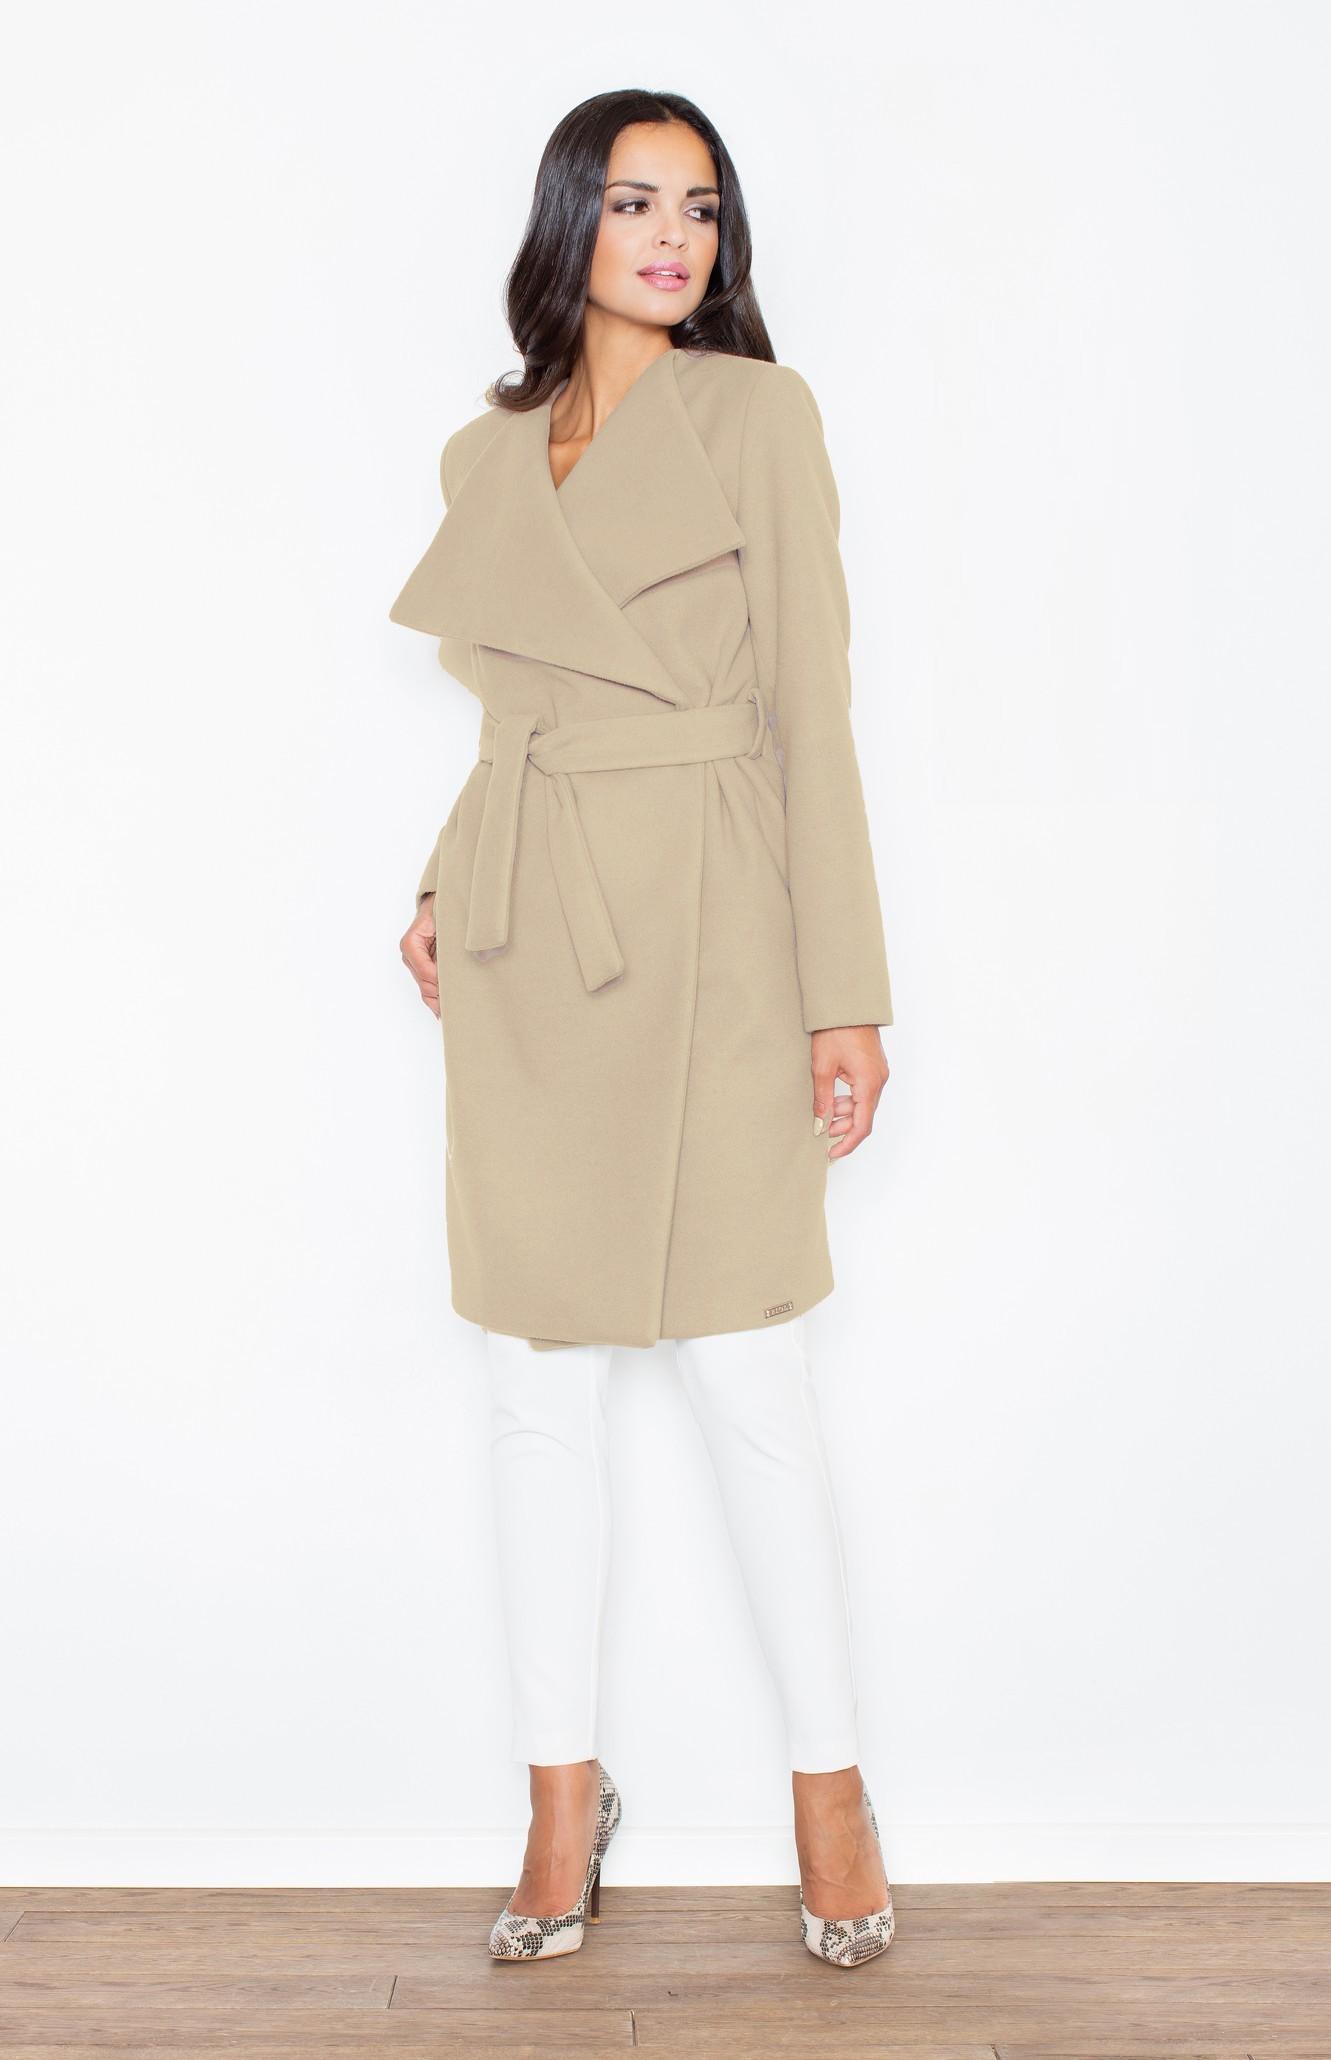 manteau femme ceintur beige flm408b idresstocode boutique de d shabill s et nuisettes robes. Black Bedroom Furniture Sets. Home Design Ideas